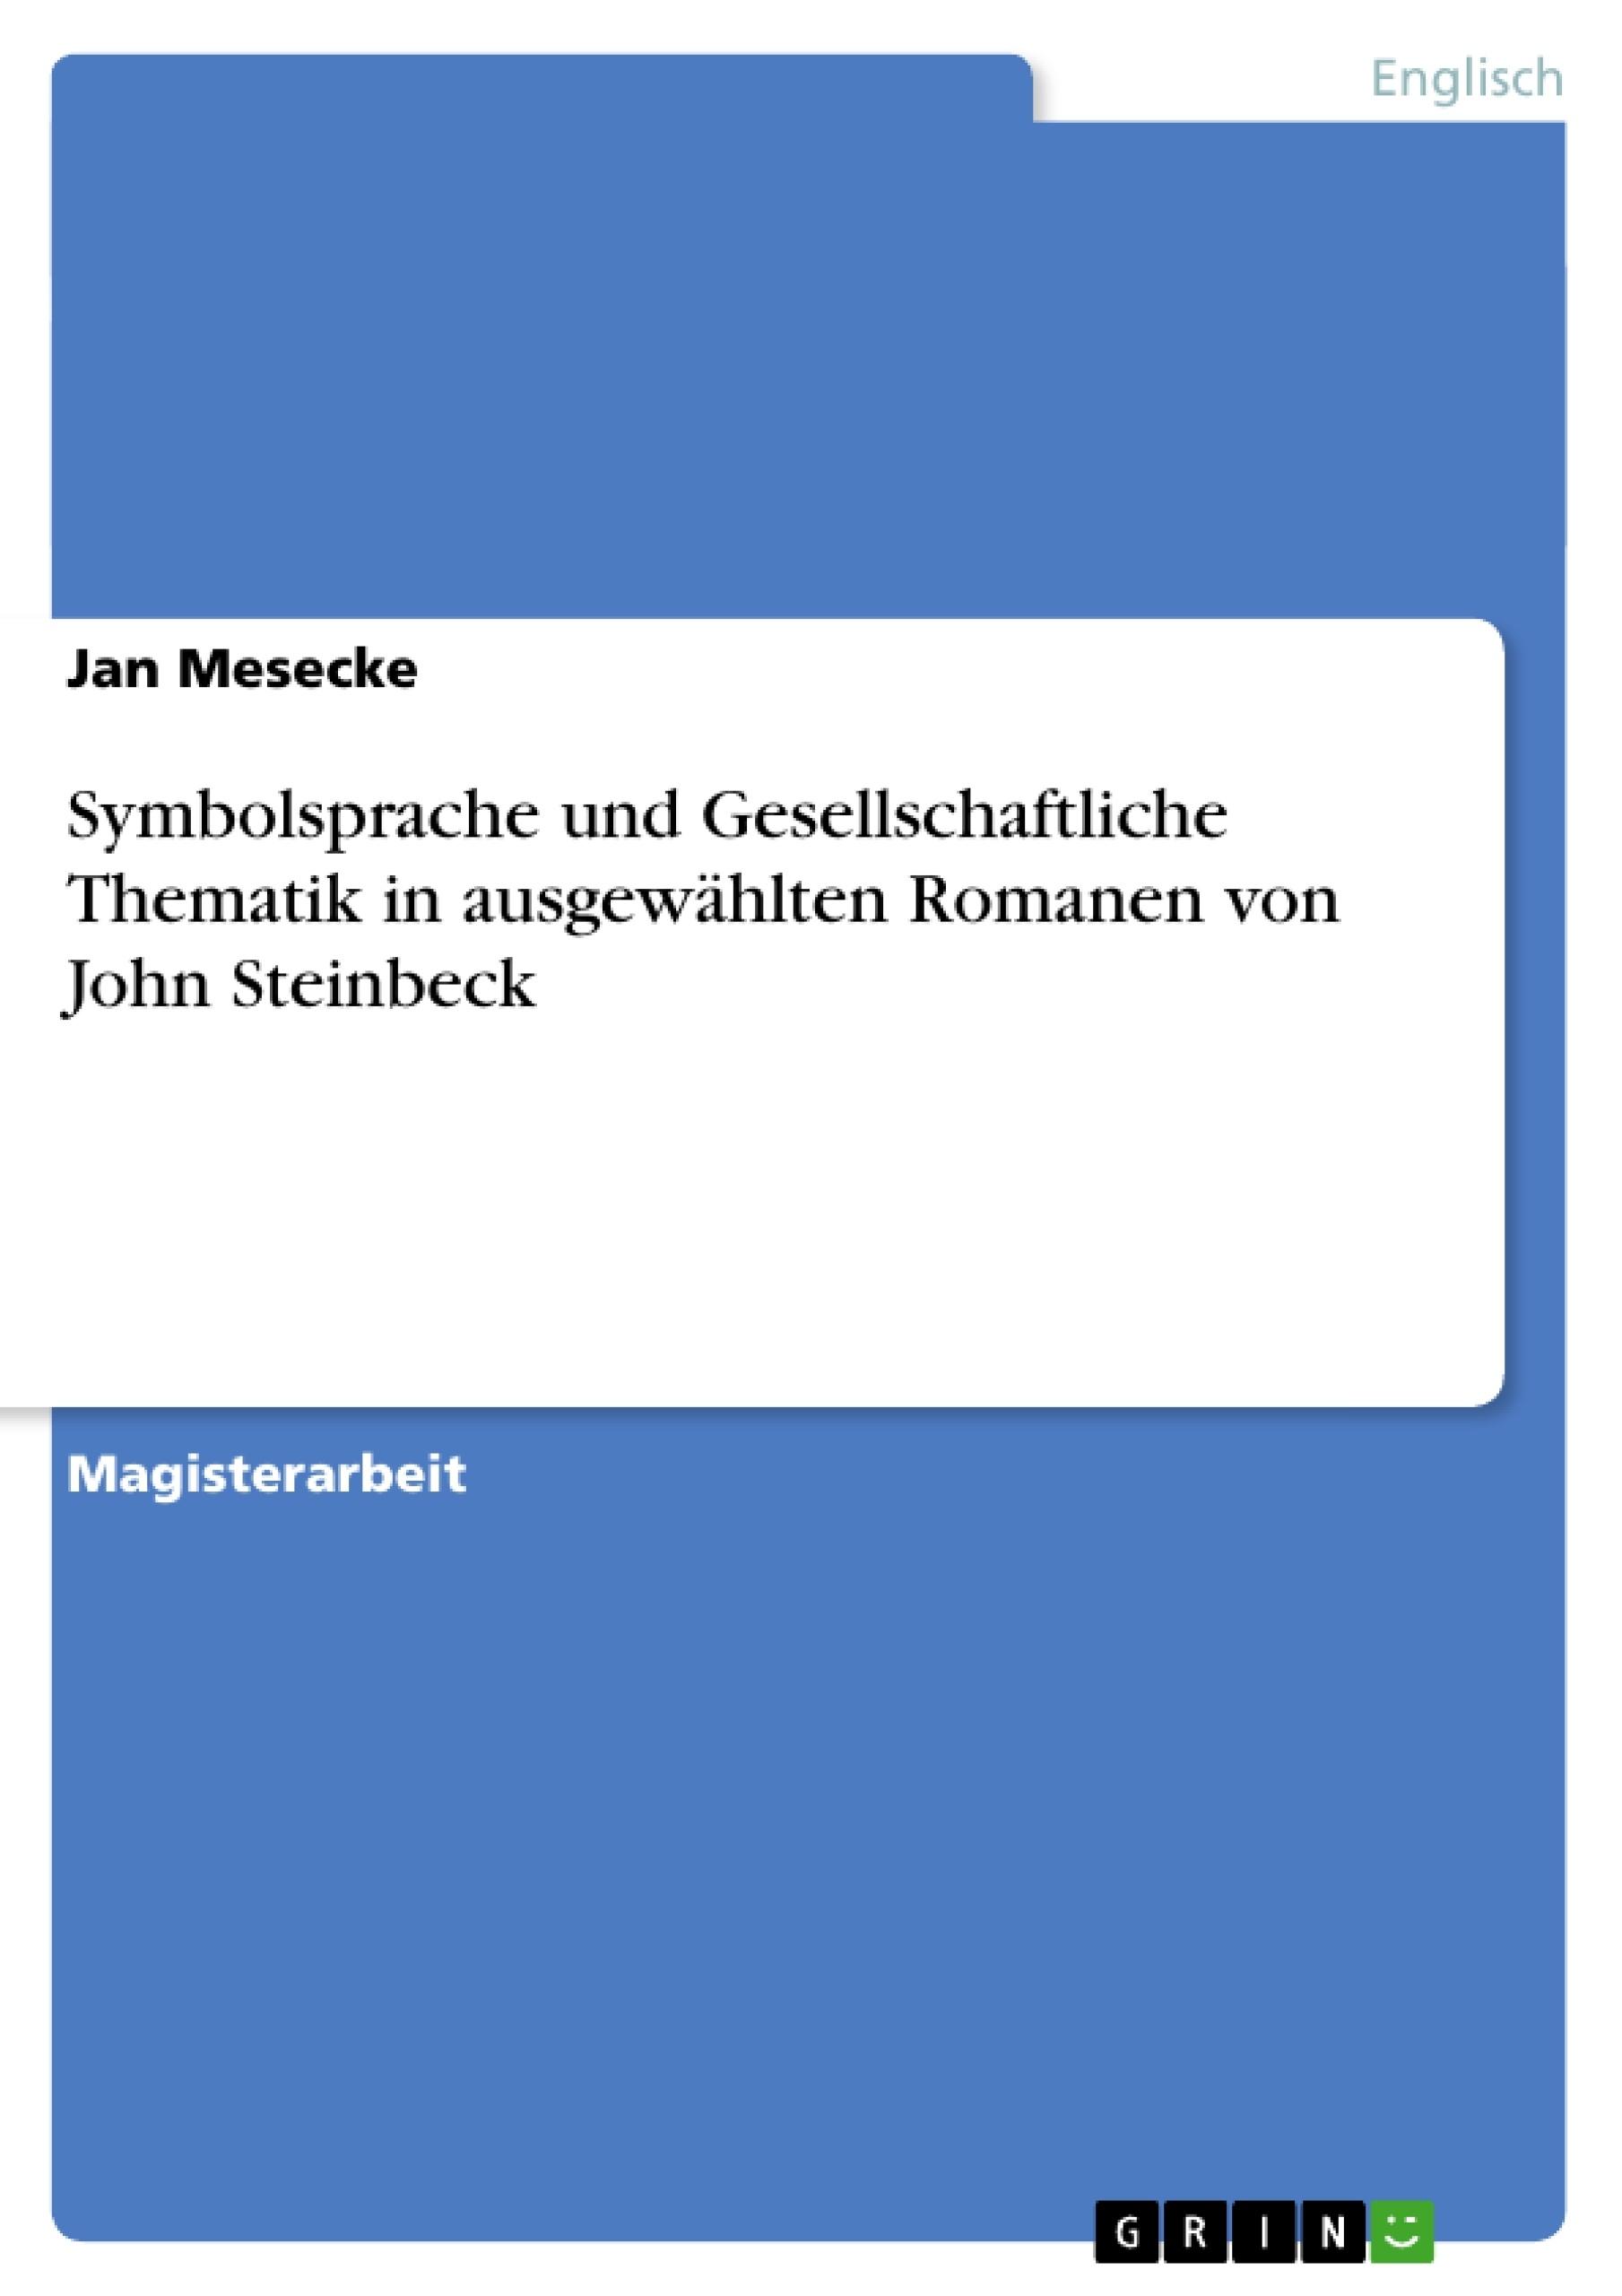 Titel: Symbolsprache und Gesellschaftliche Thematik in ausgewählten Romanen von John Steinbeck